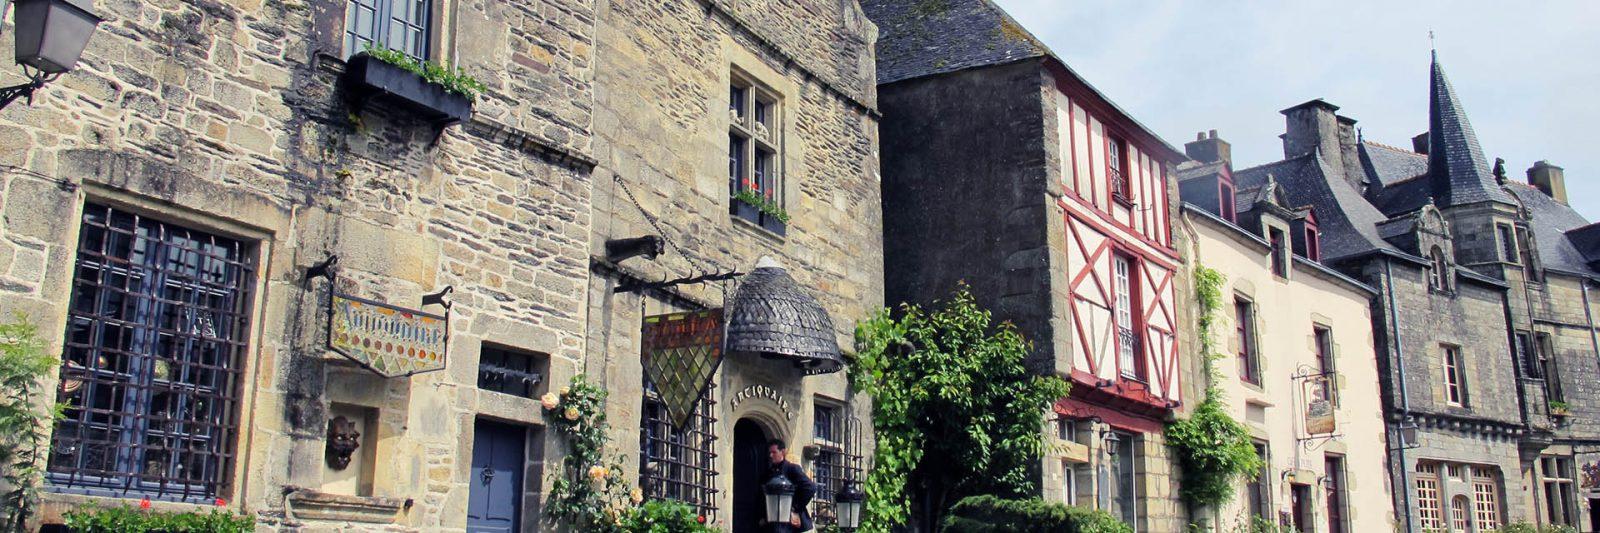 Rochefort en terre village préféré des français en 2016 - Cité médiévale - visite incontournable